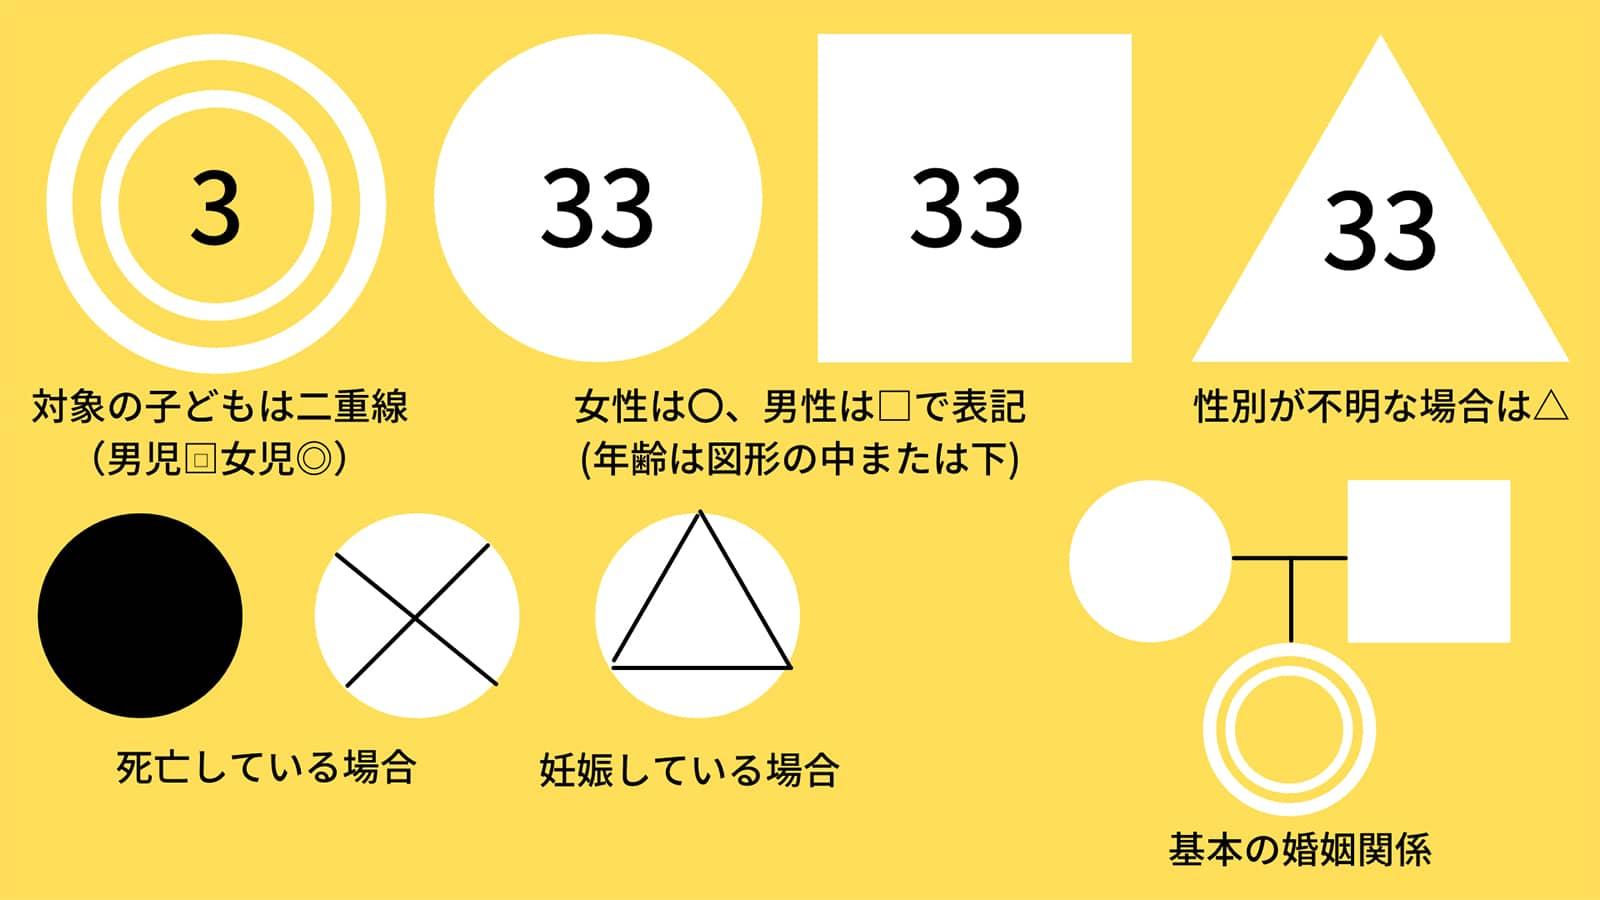 ジェノグラムで使われる記号や書き方